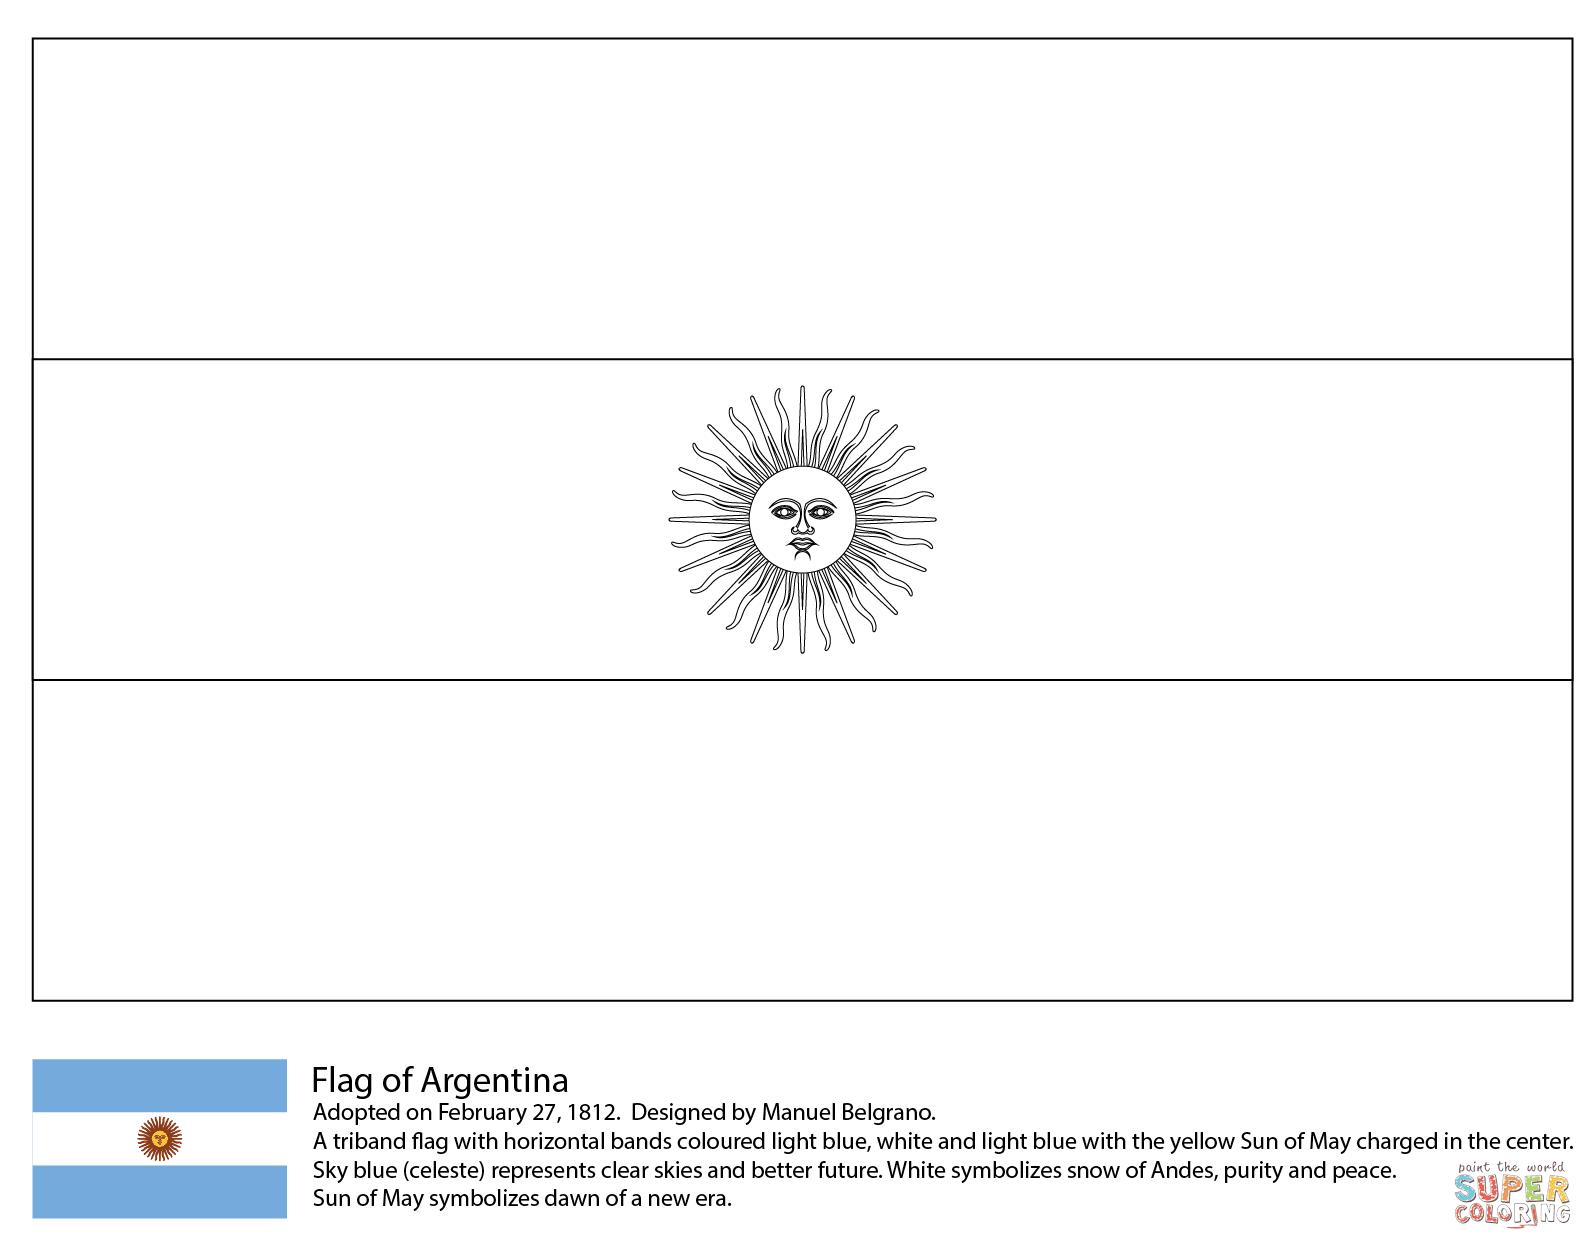 アルゼンチンの国旗 ぬりえ